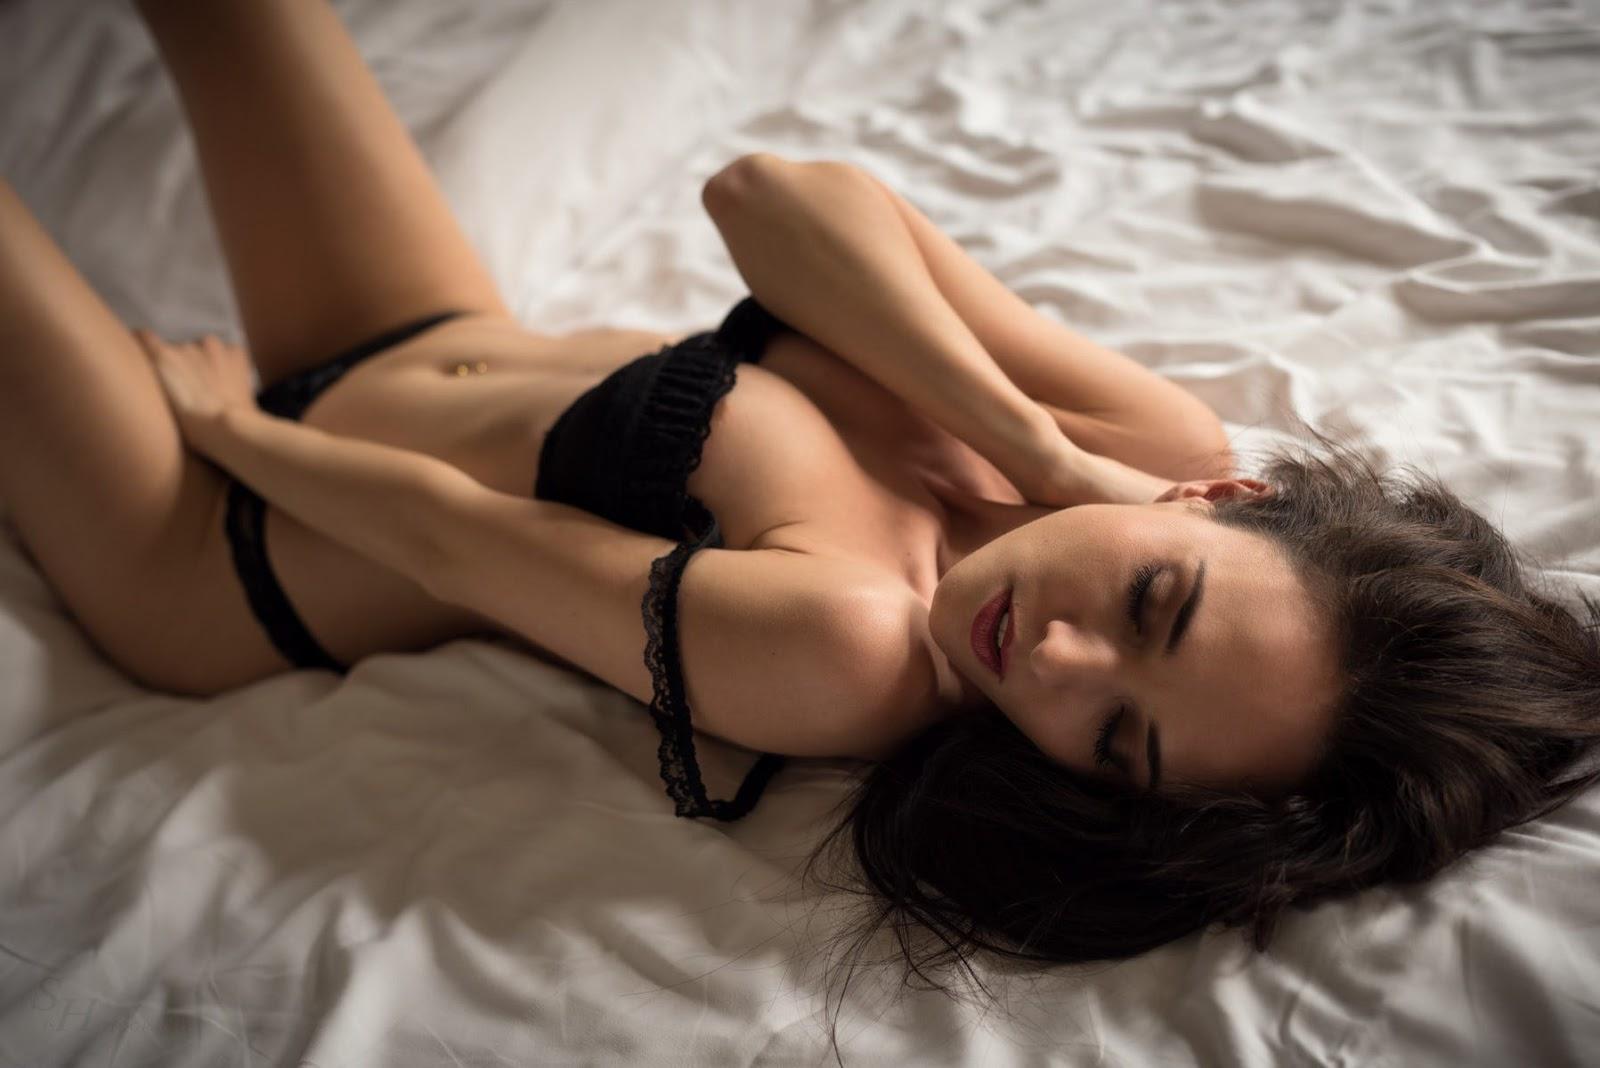 krasivie-seksualnie-devushki-ussuriyska-vlazhnaya-zrelaya-kiska-foto-krupno